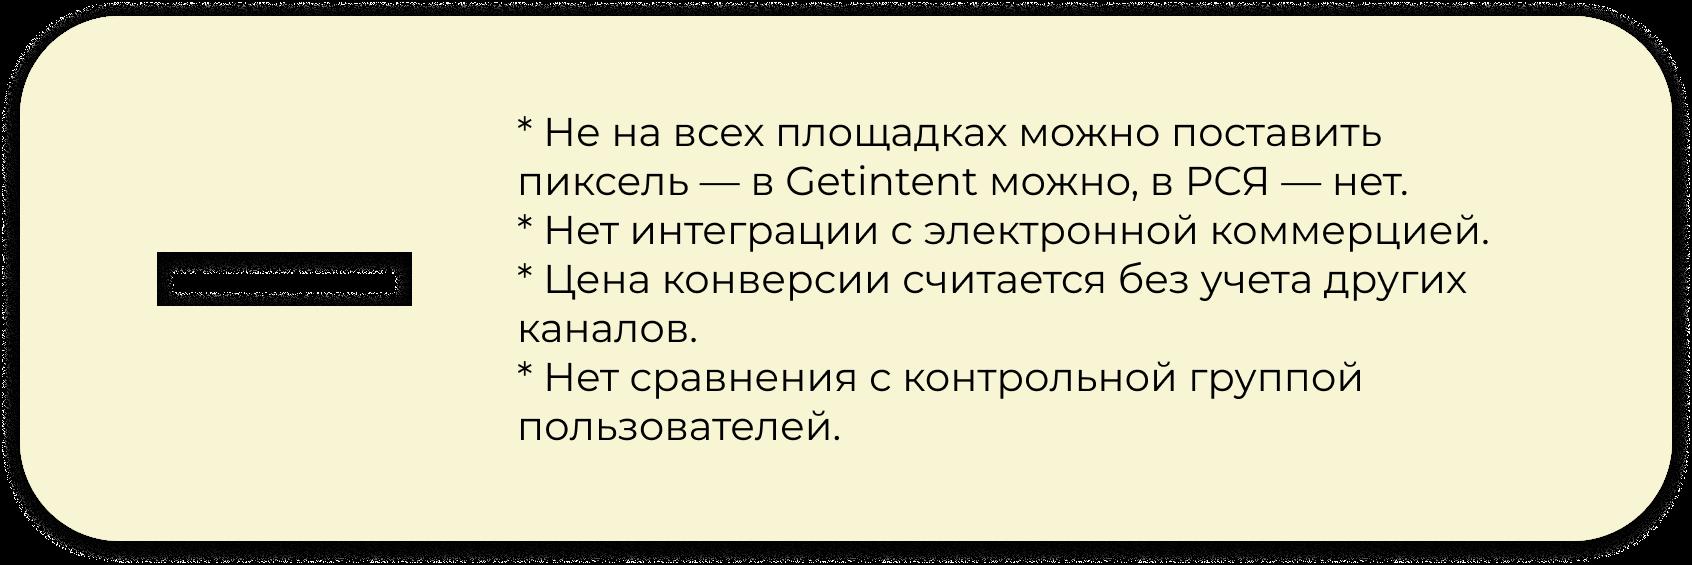 Минусы аналитики в сервисе Яндекс.Метрика для медийной рекламы